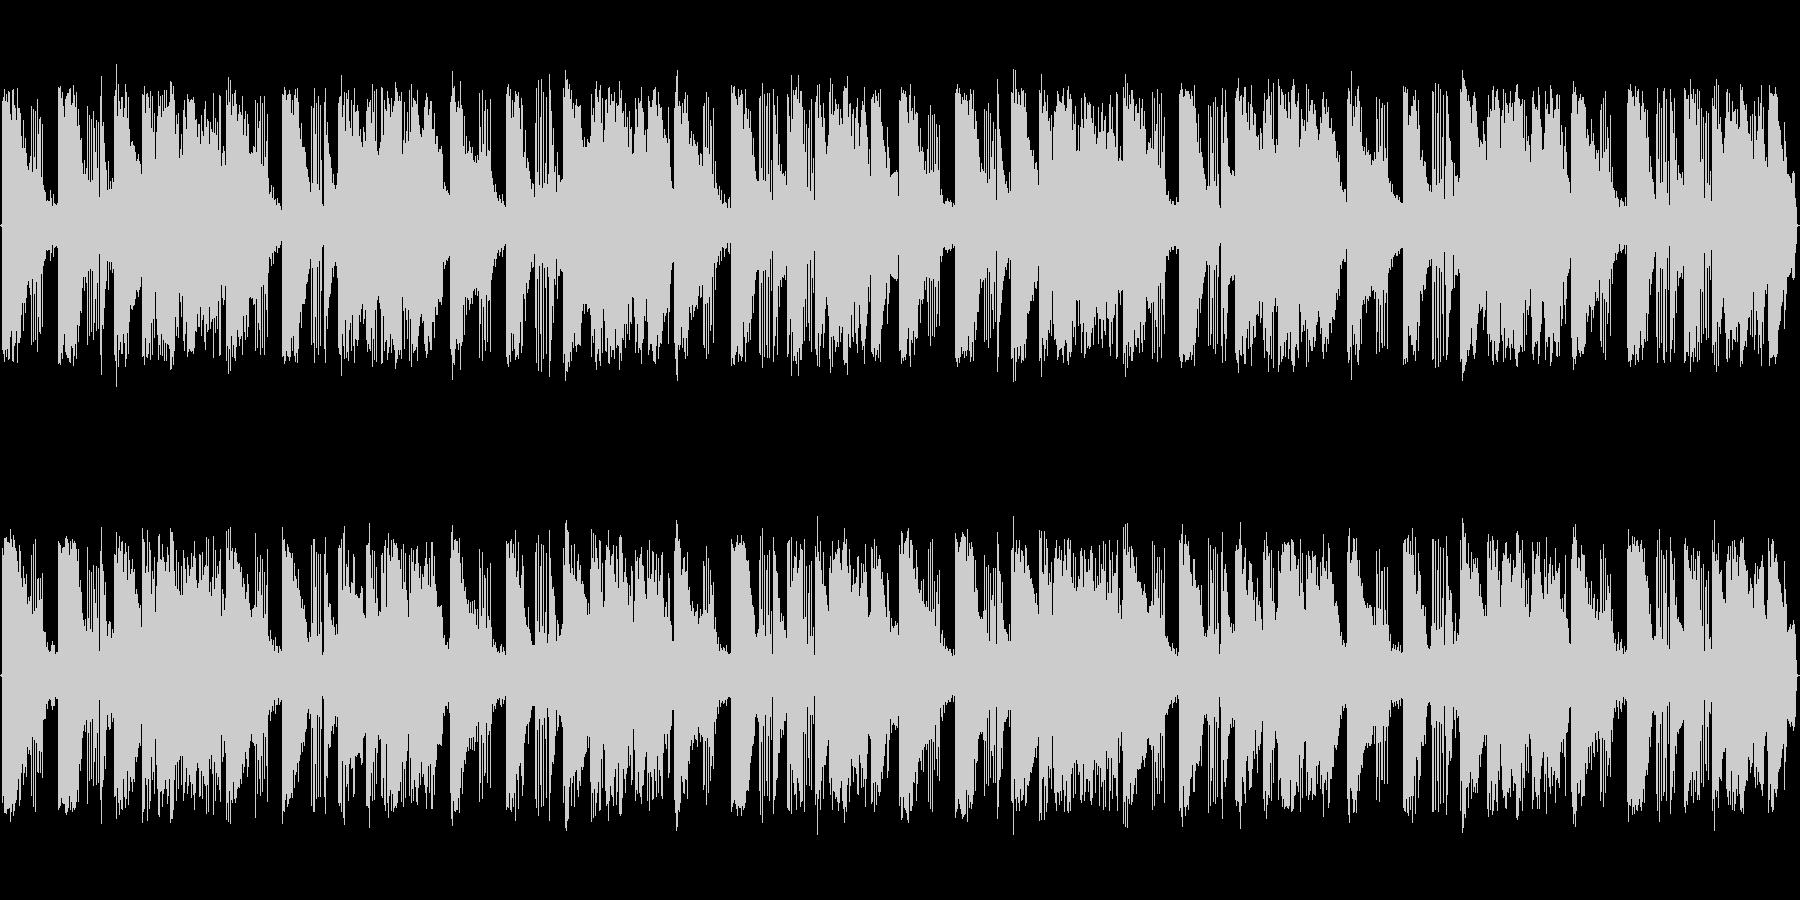 ピアノとブラスによる軽快なBGMの未再生の波形